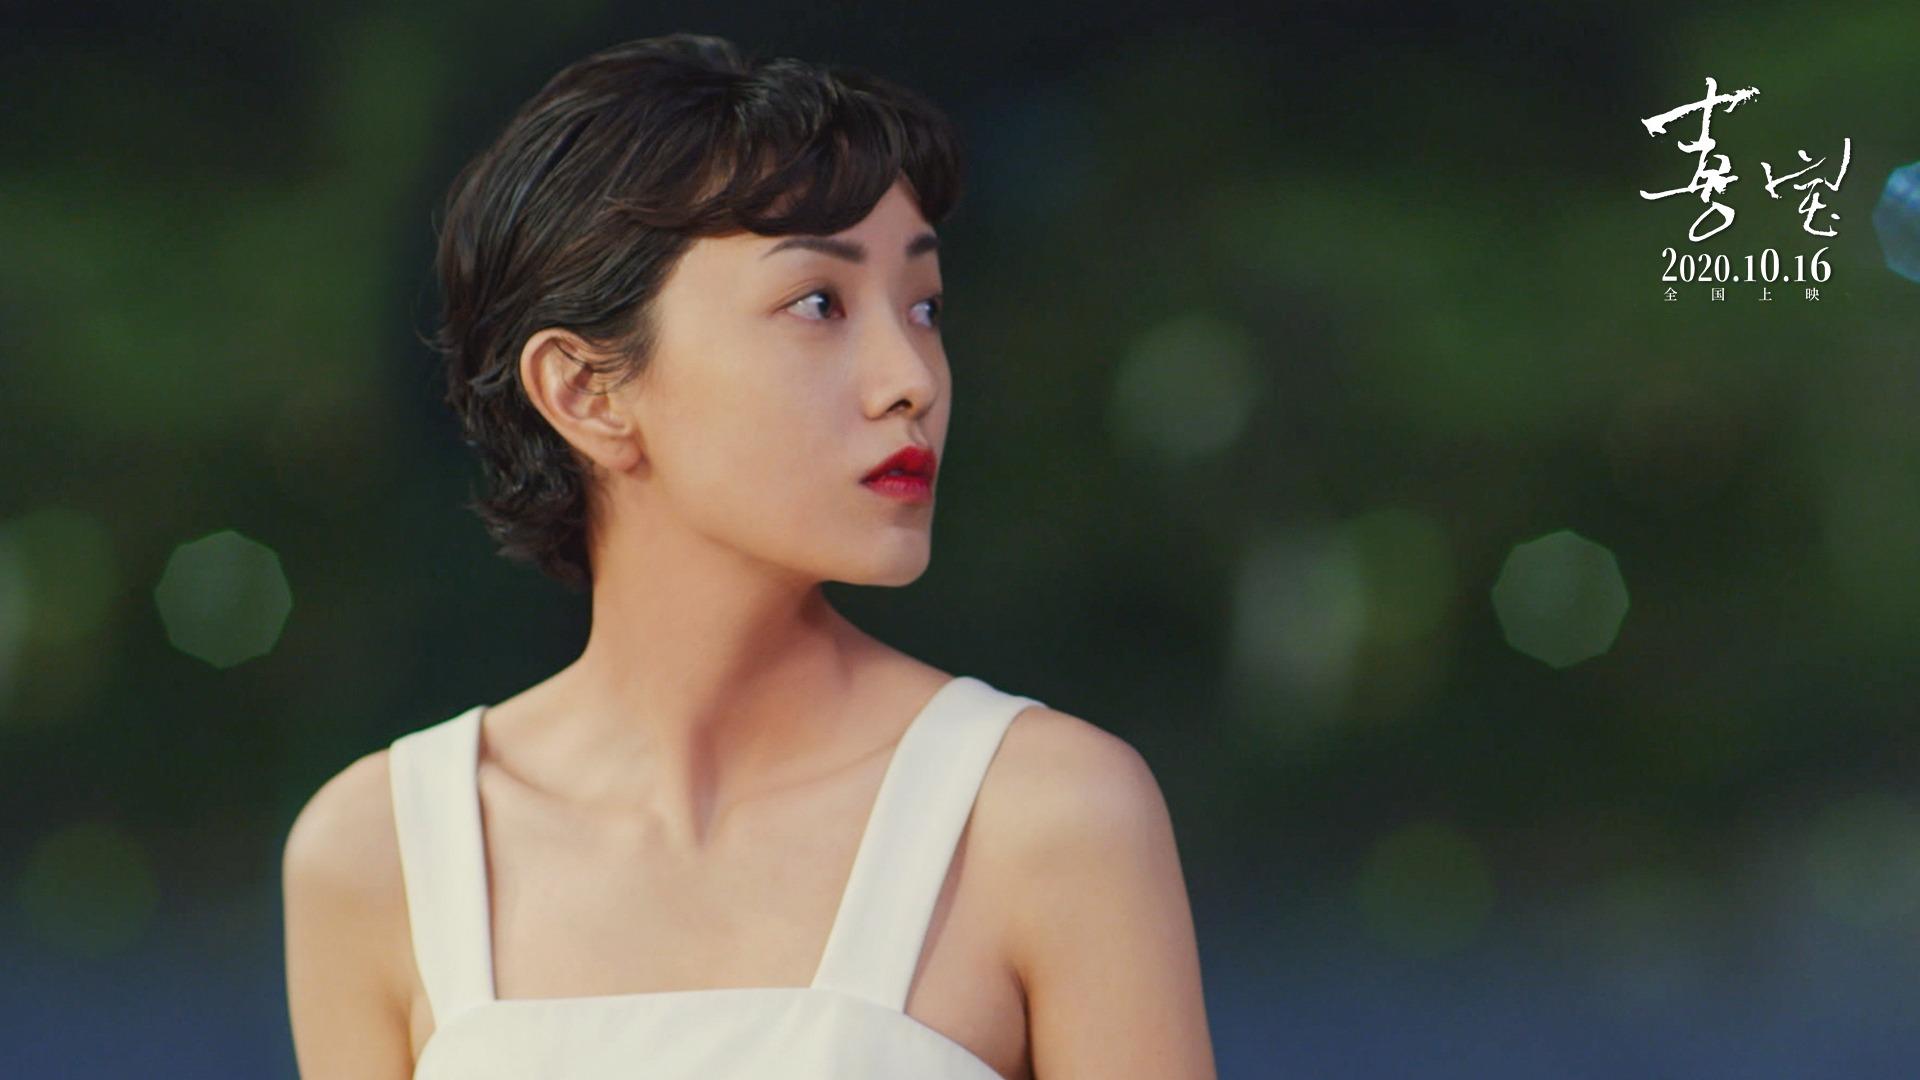 《喜宝》:相信爱情的女孩可以得到一切